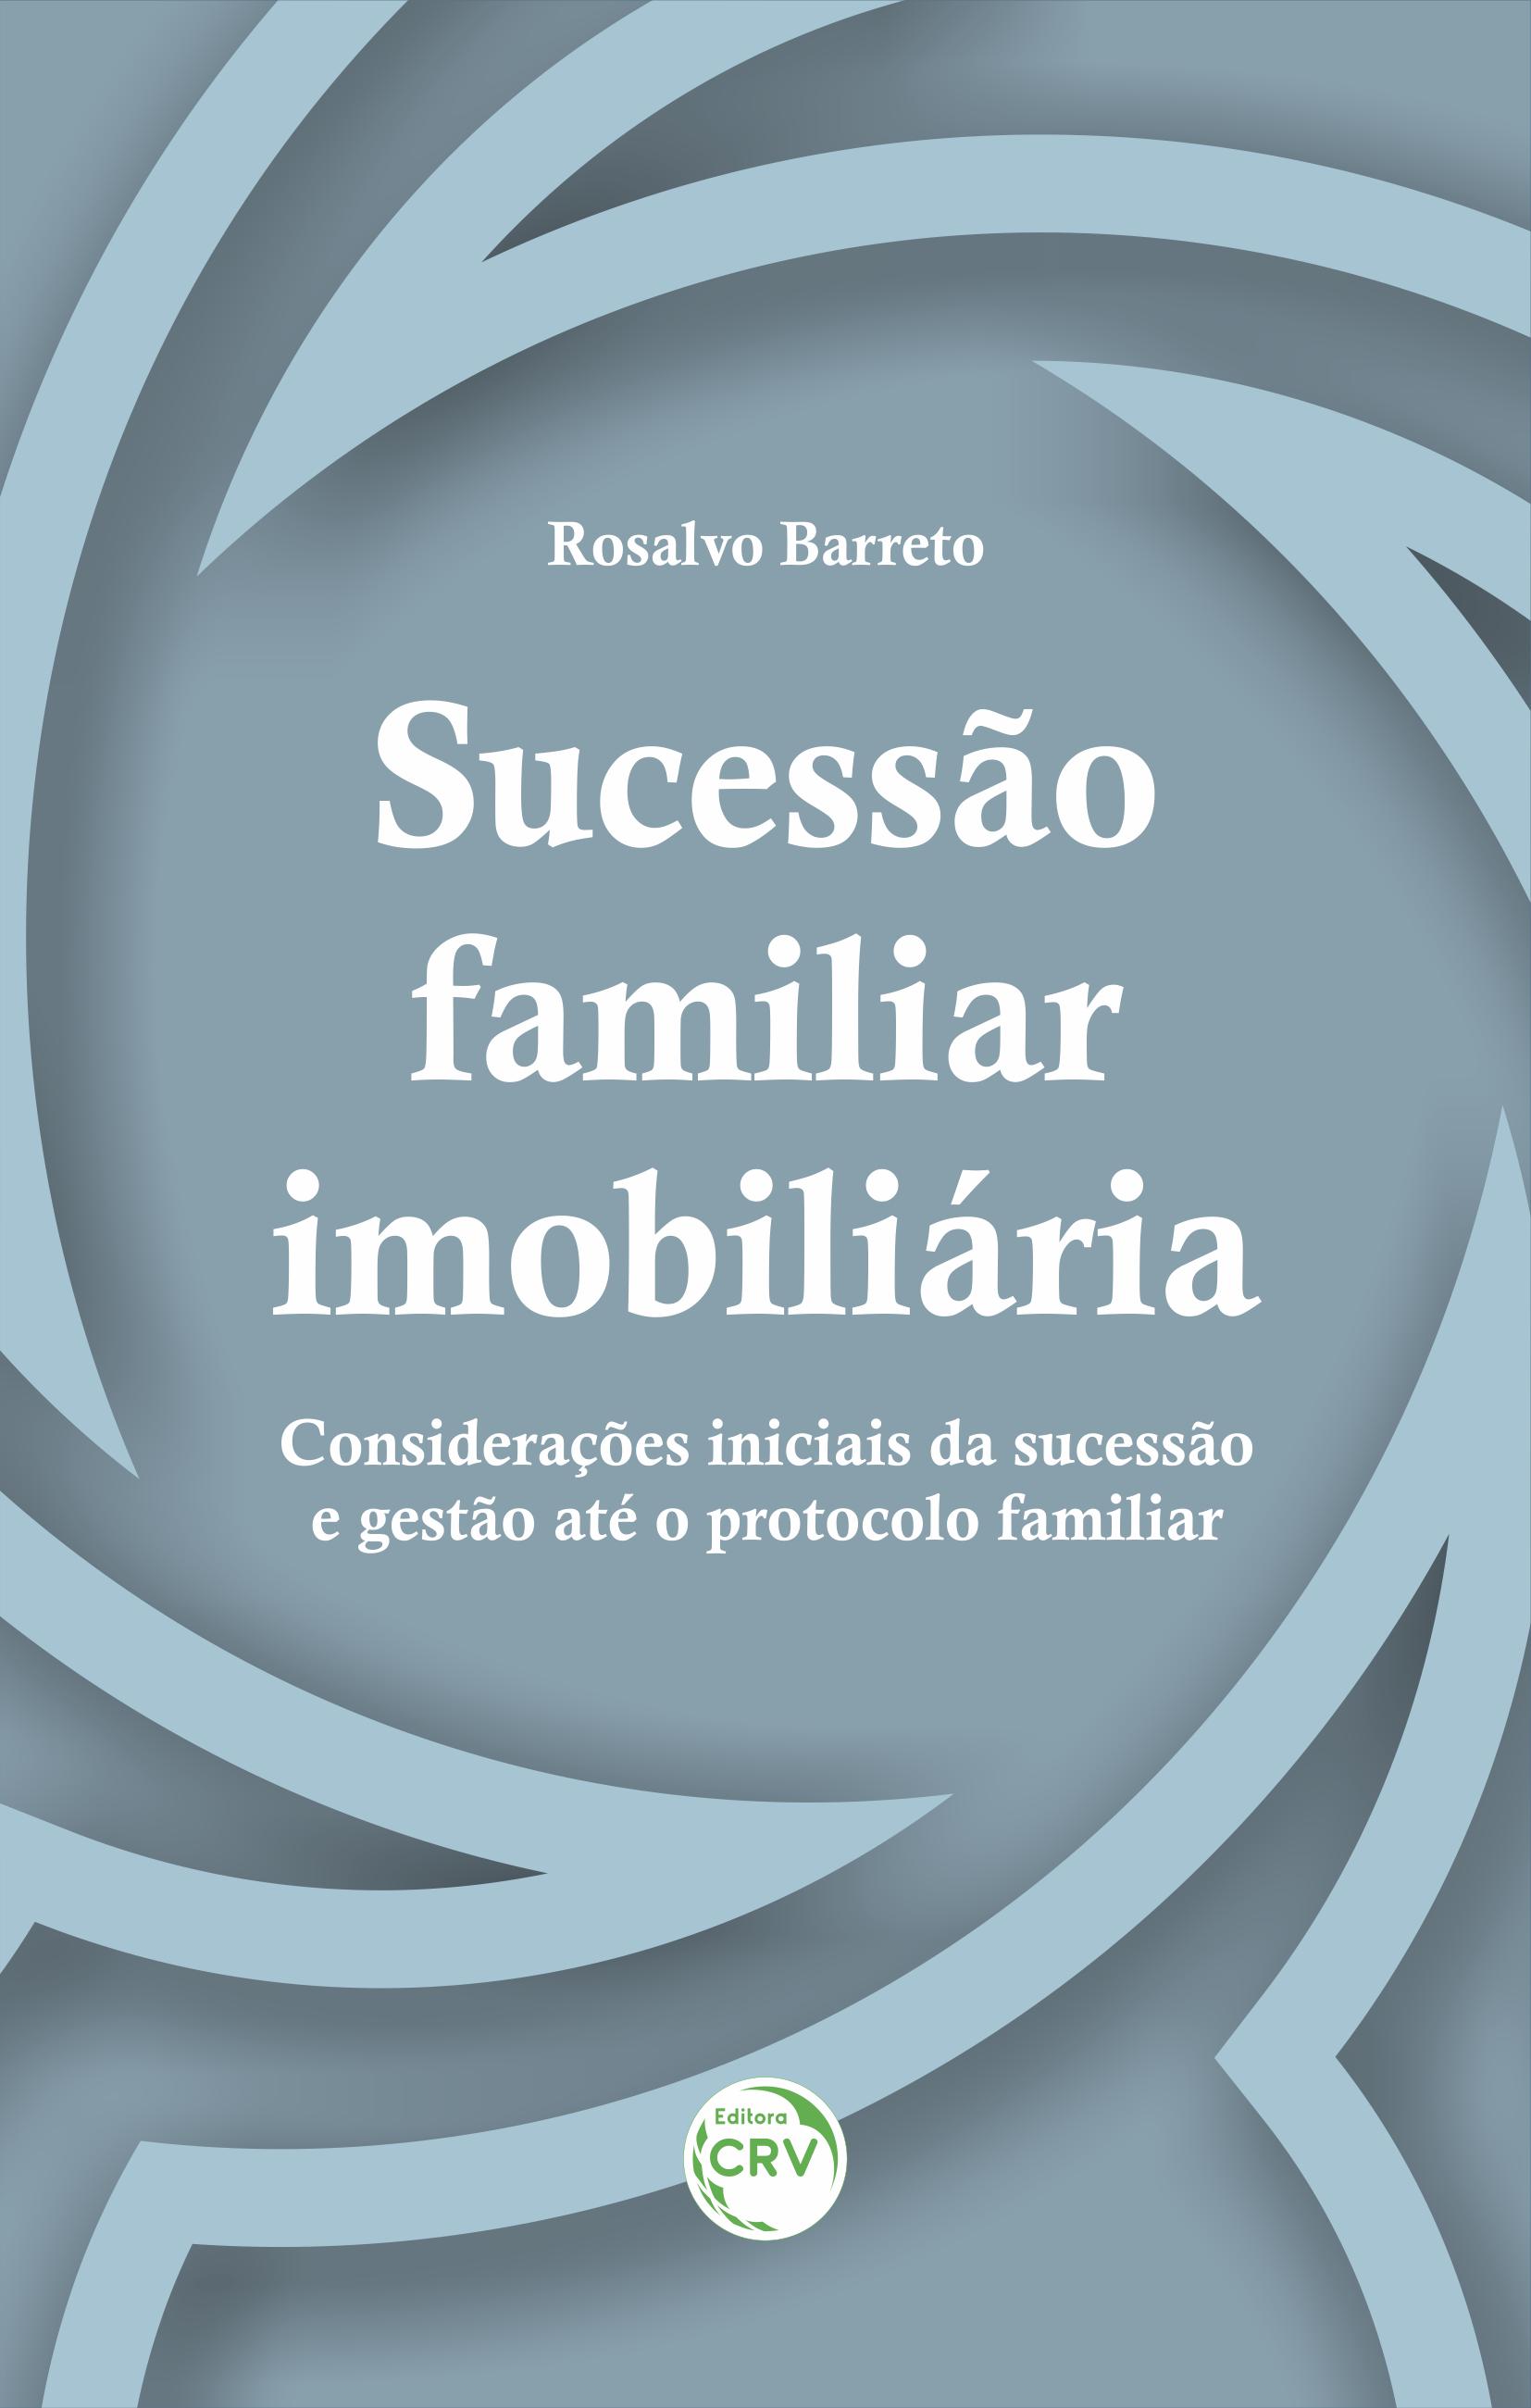 Capa do livro: SUCESSÃO FAMILIAR IMOBILIÁRIA: <br> considerações iniciais da sucessão e gestão até o protocolo familiar